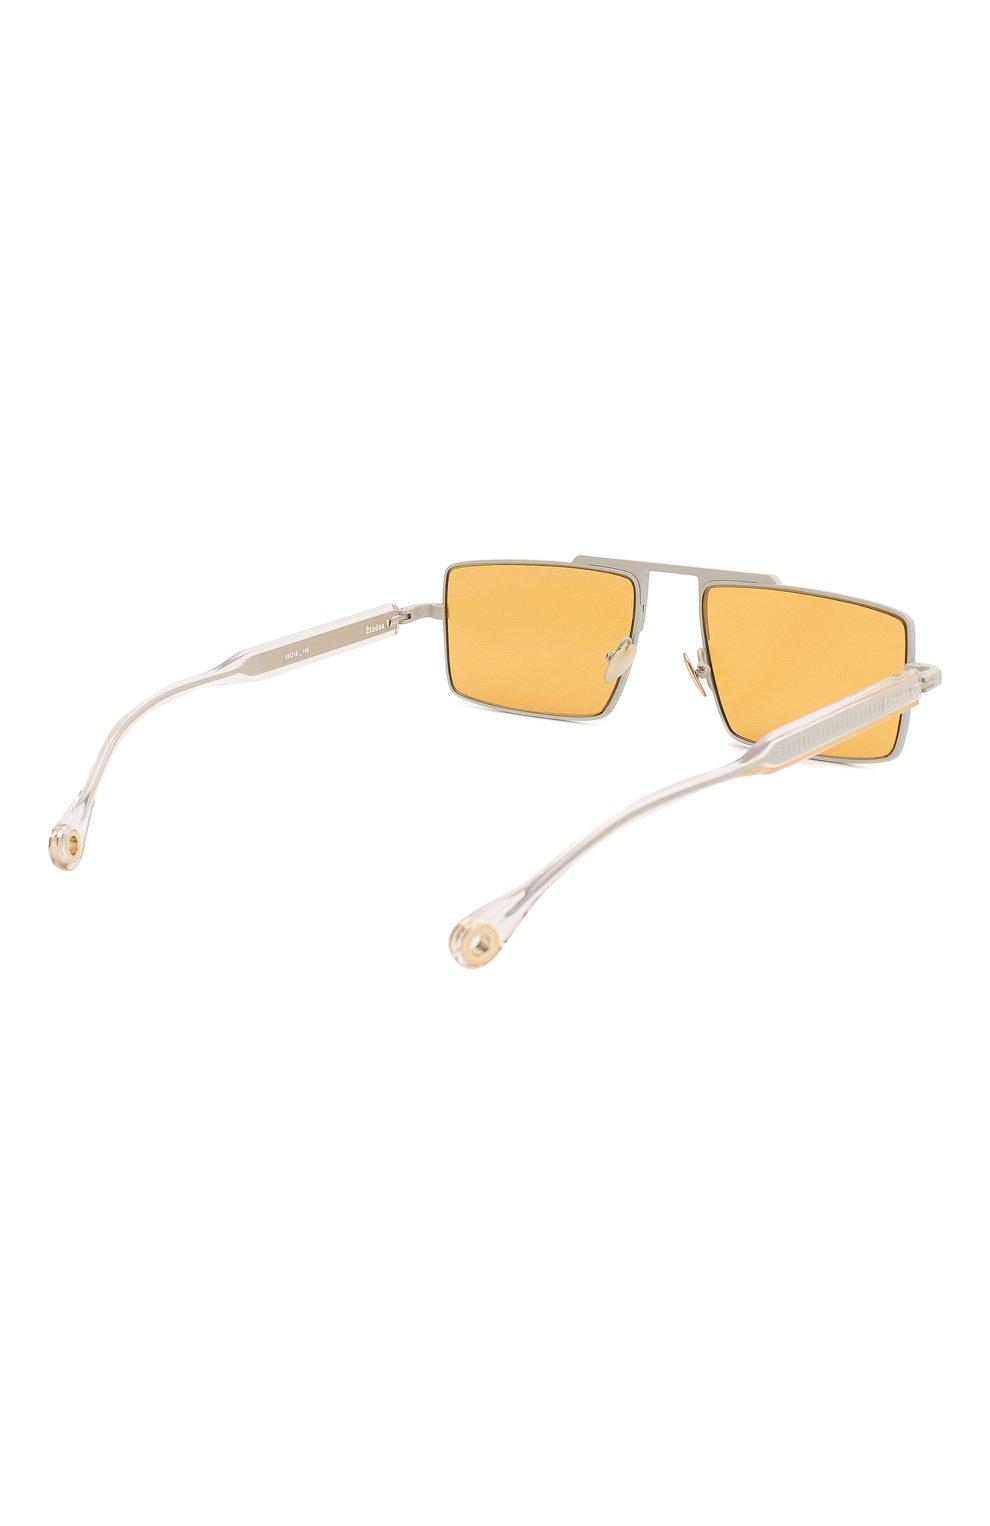 Женские солнцезащитные очки ÉTUDES оранжевого цвета, арт. EASTERN GREY CR WITH CHAIN | Фото 6